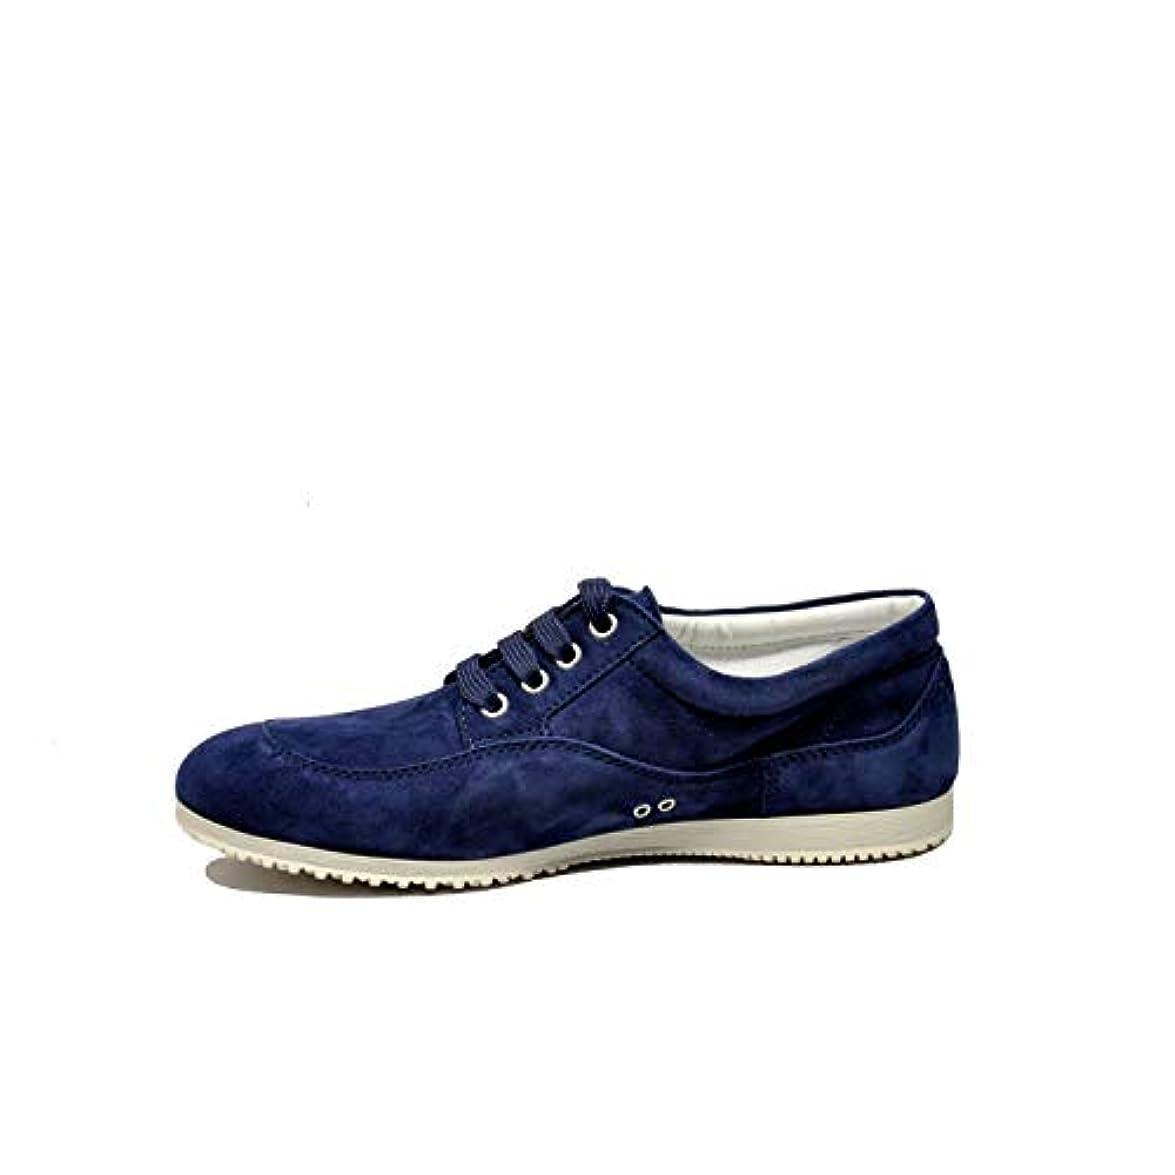 Hogan Sneakers Donna Hxw00e00010cr0u805 Camoscio Blu